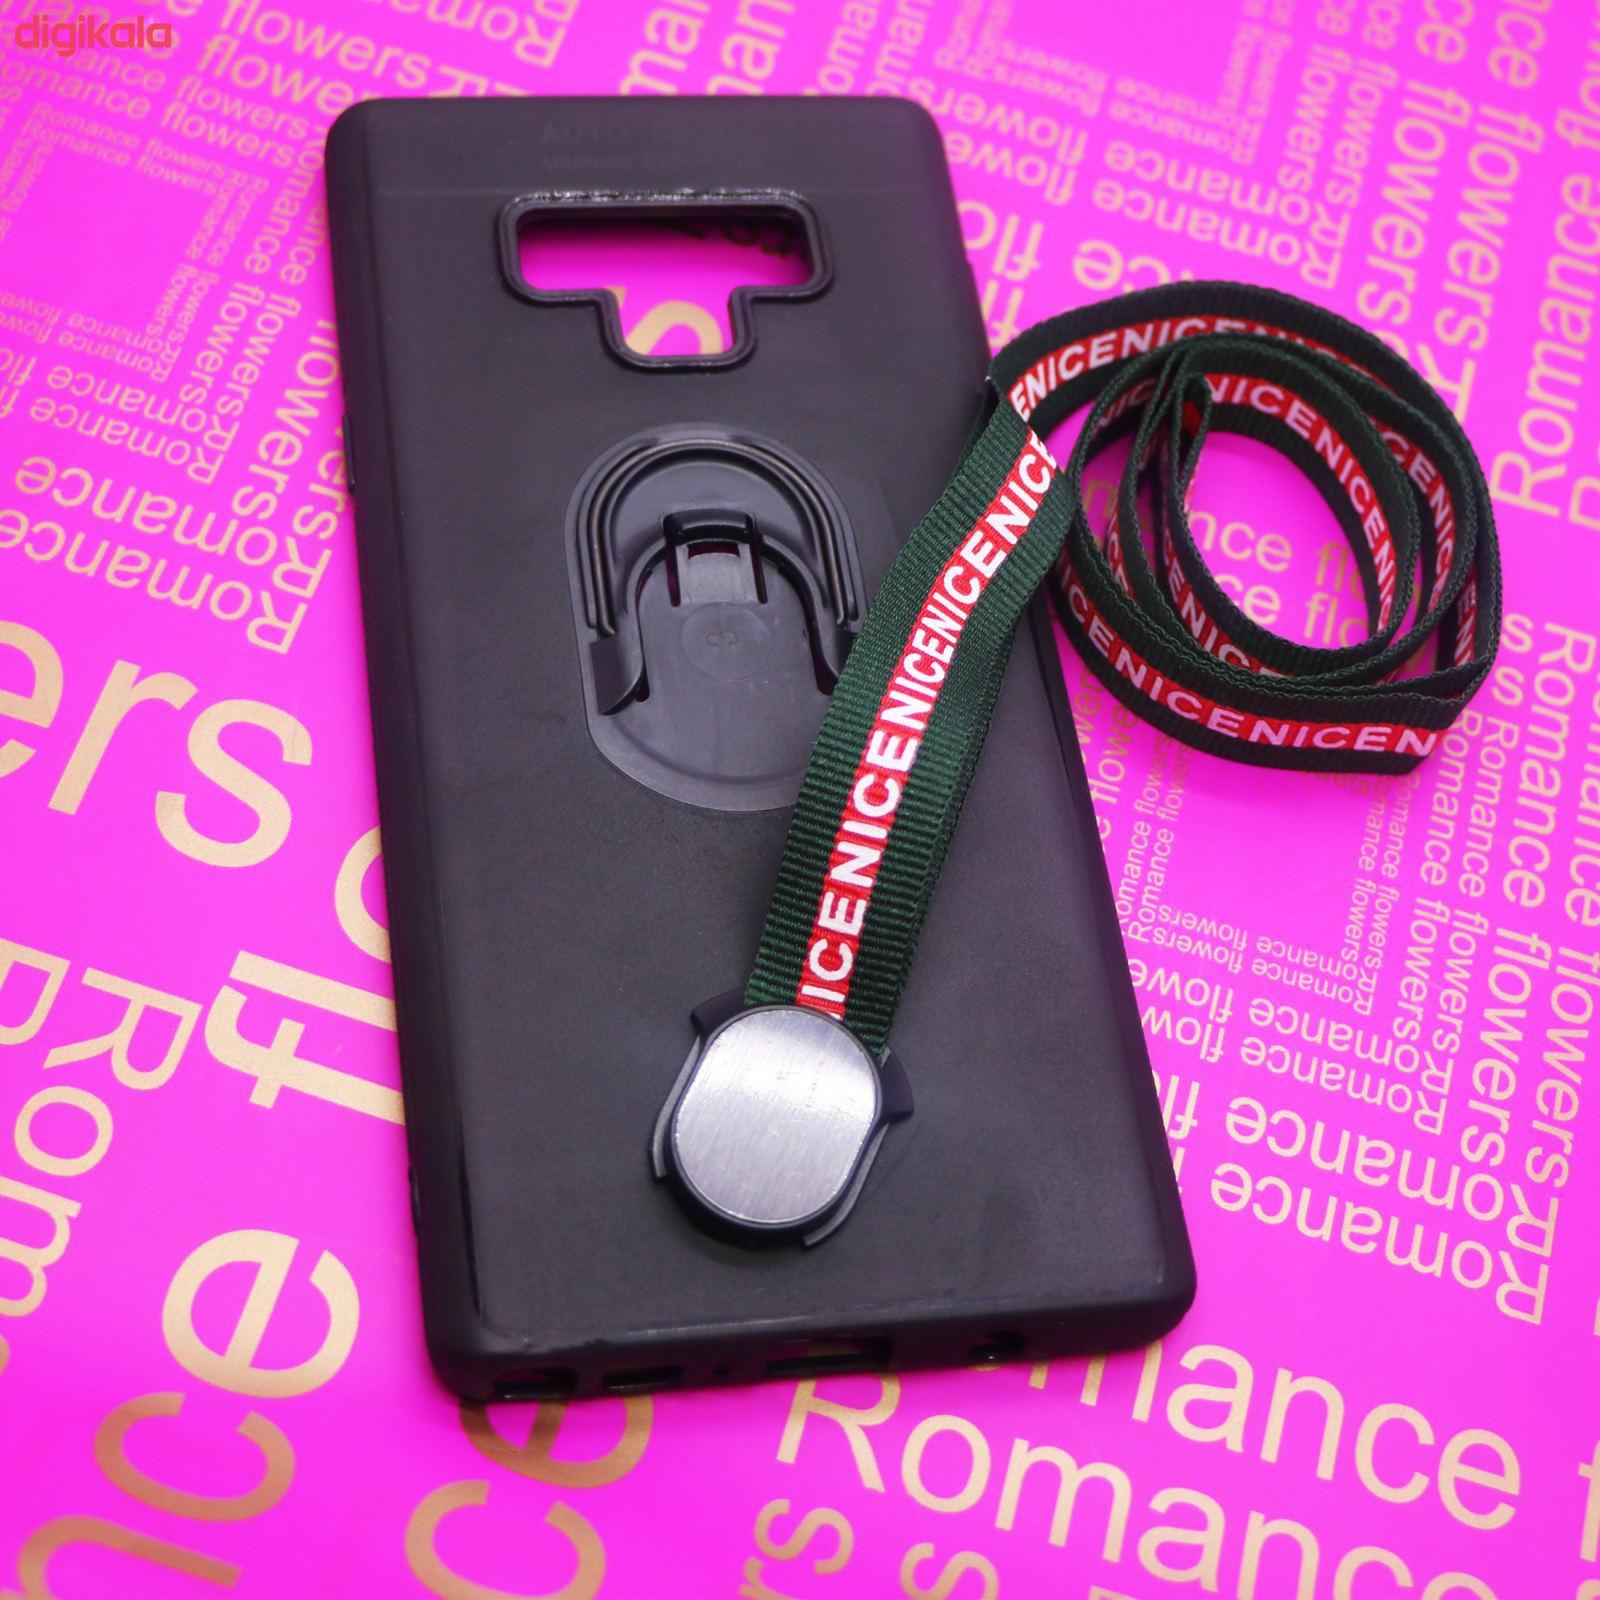 کاور BND-01 مناسب برای گوشی موبایل سامسونگ Galaxy Note 9   main 1 1